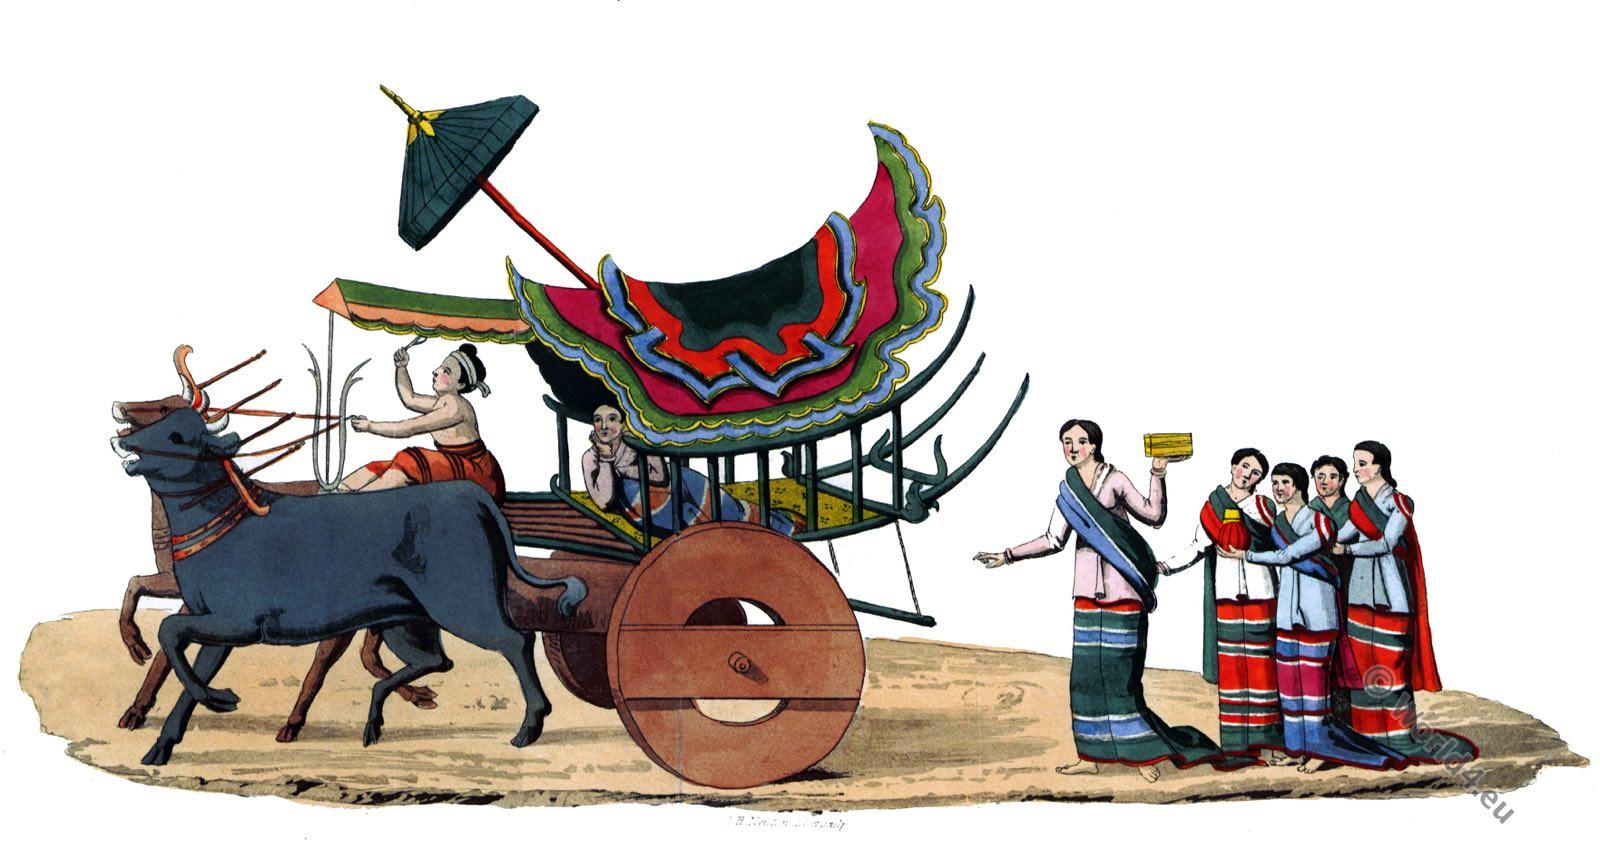 Whonghee, Myanmar, clothing, Burma, slave, attendants,